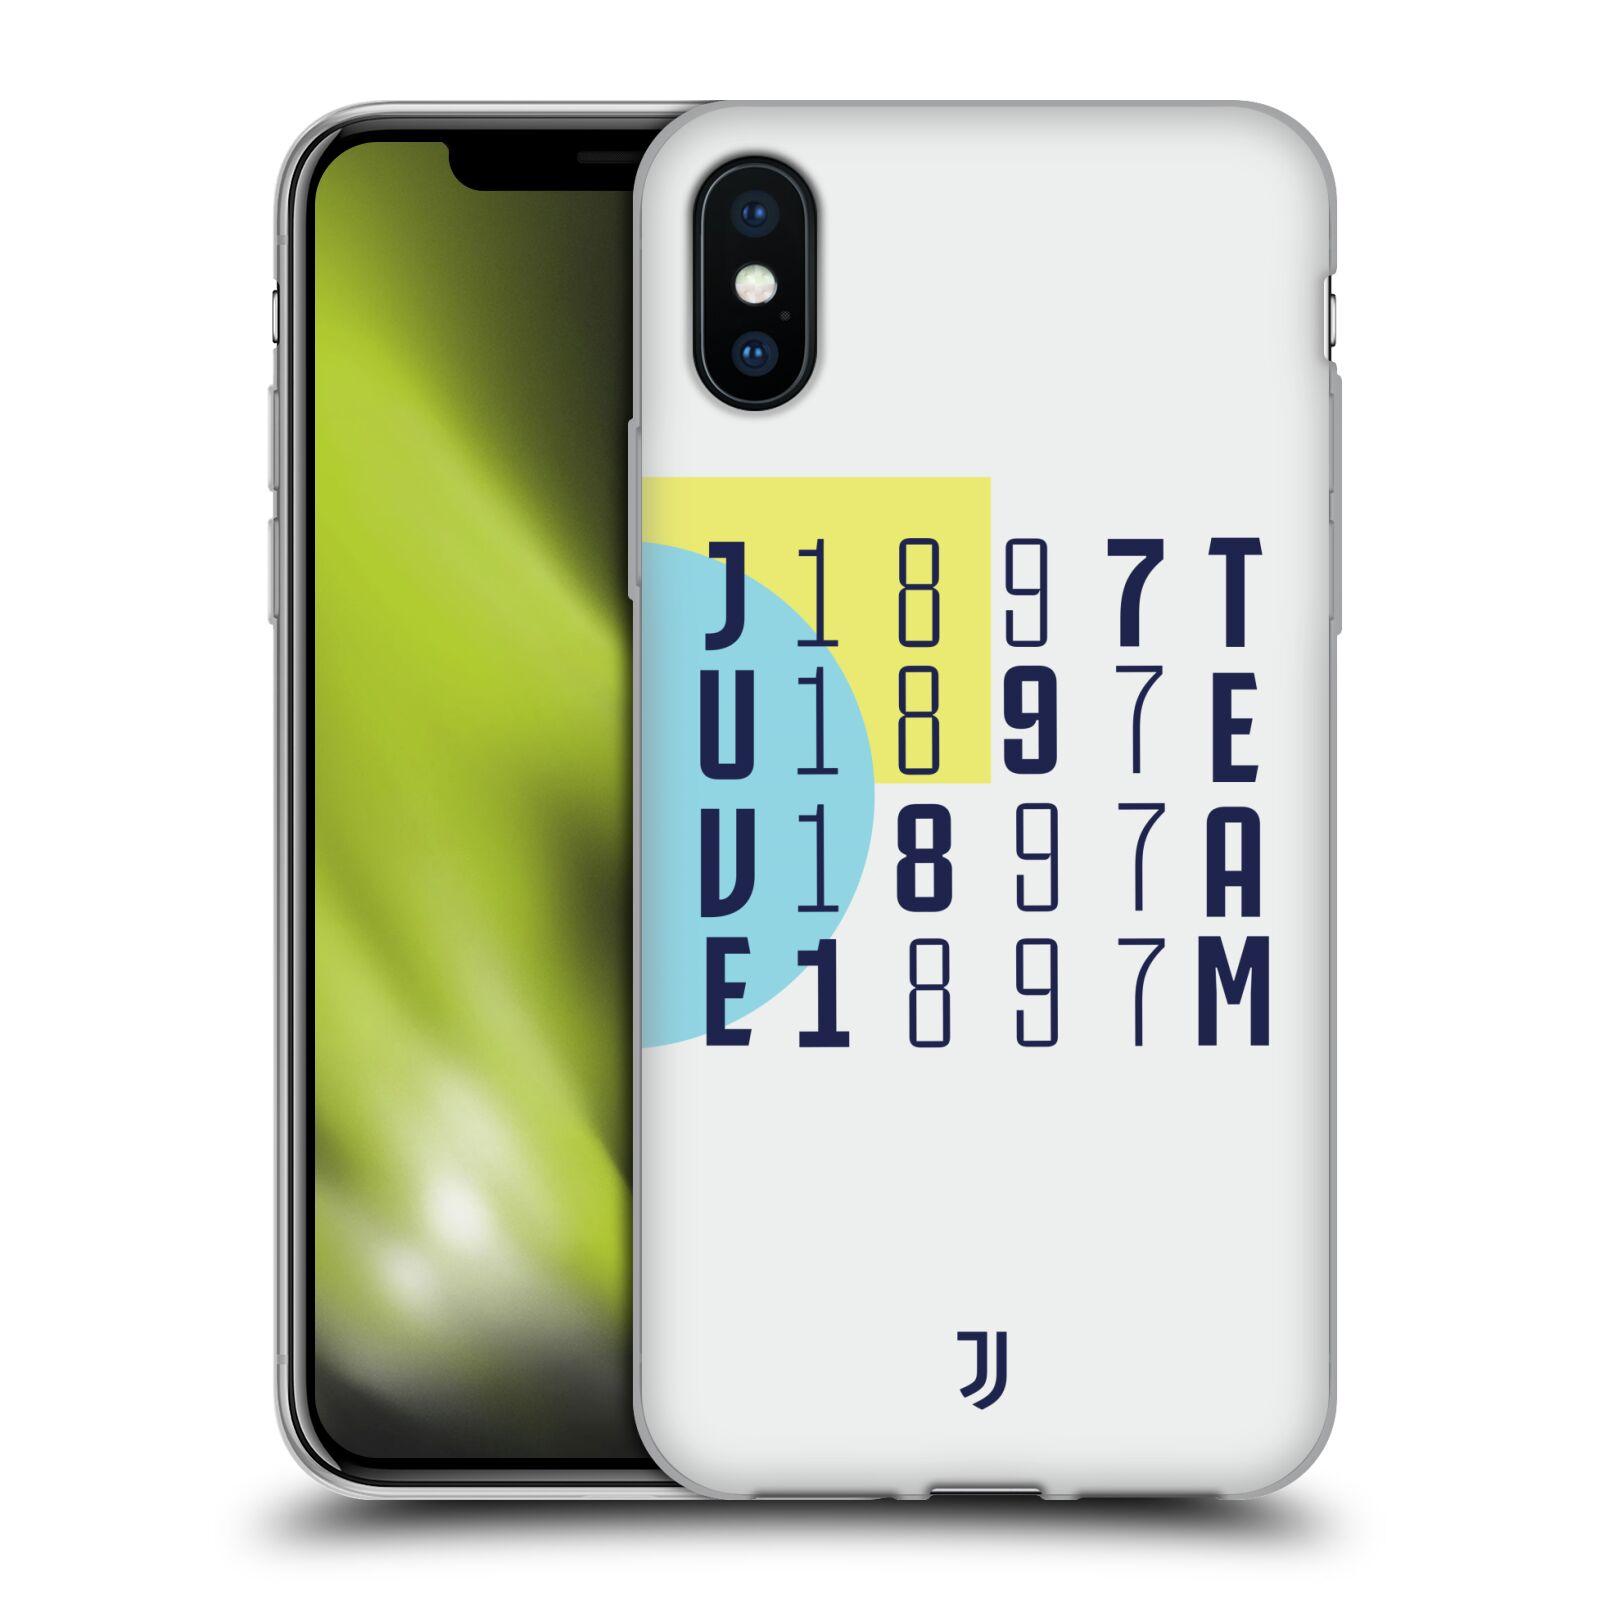 JUVENTUS-FC-2018-19-COLOUR-BLOCKING-ETUI-COQUE-EN-GEL-POUR-APPLE-iPHONE-PHONES